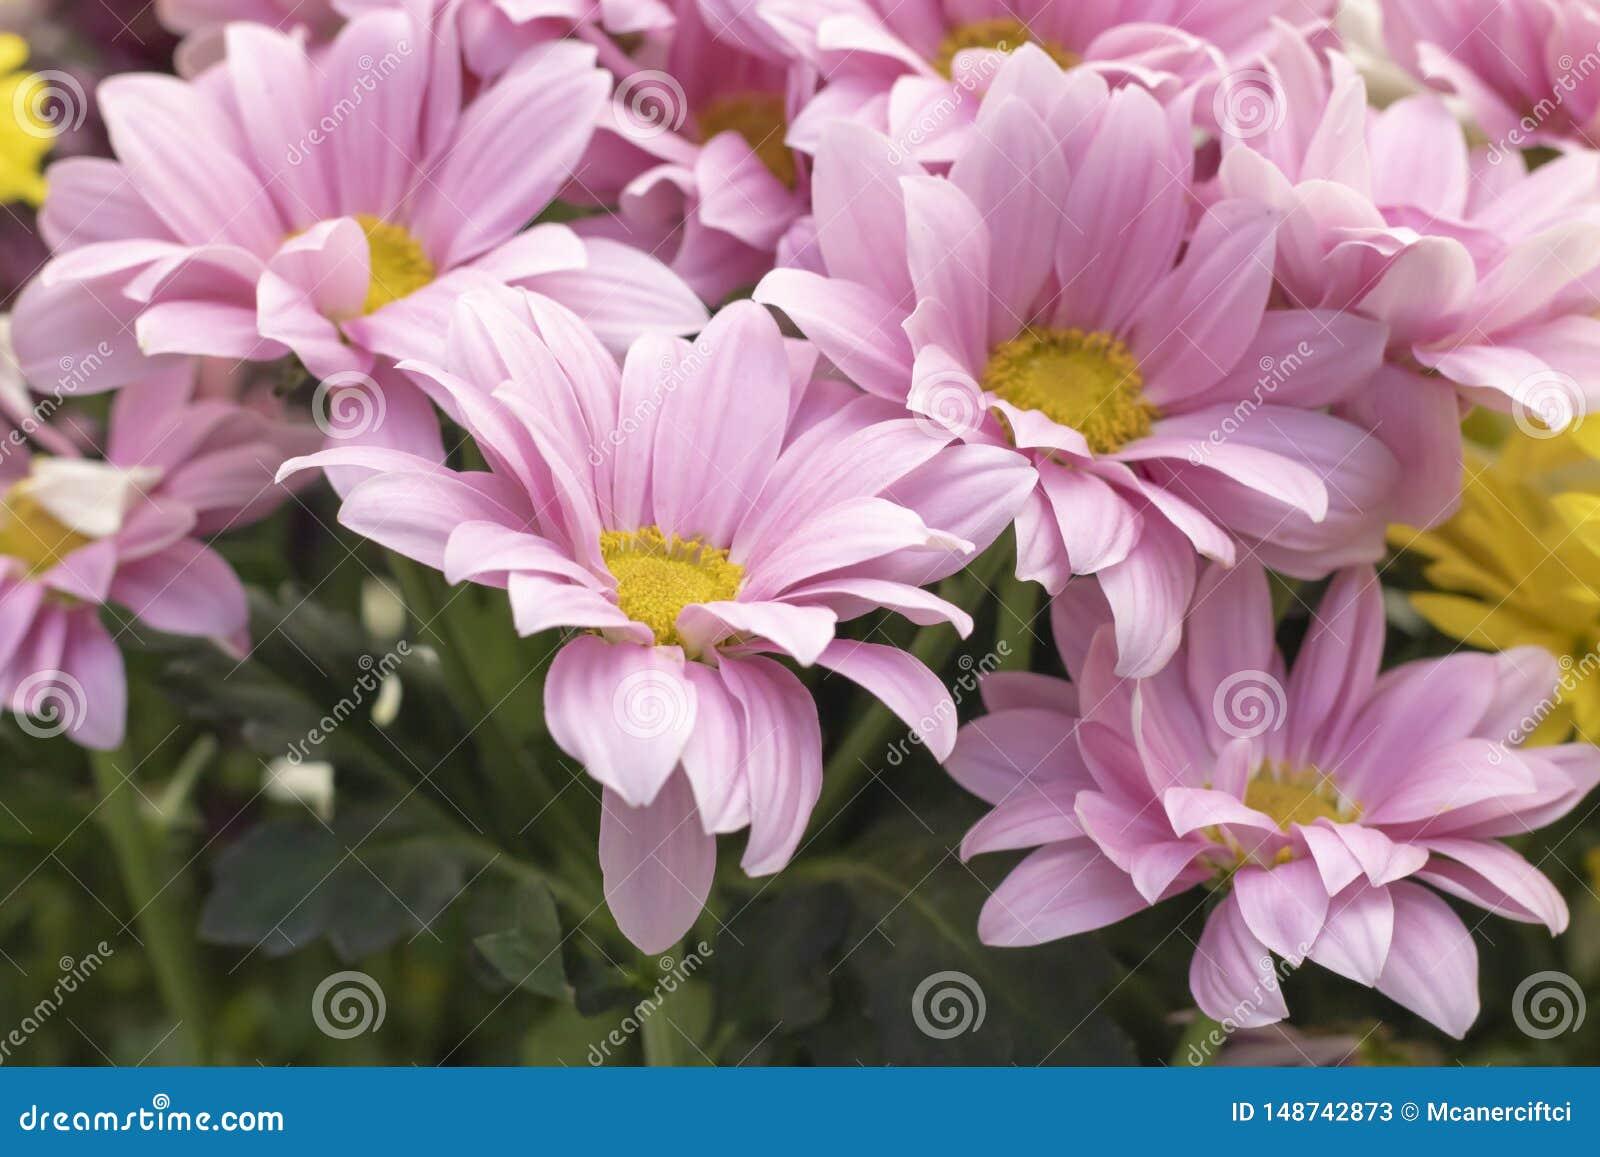 延命菊花品种